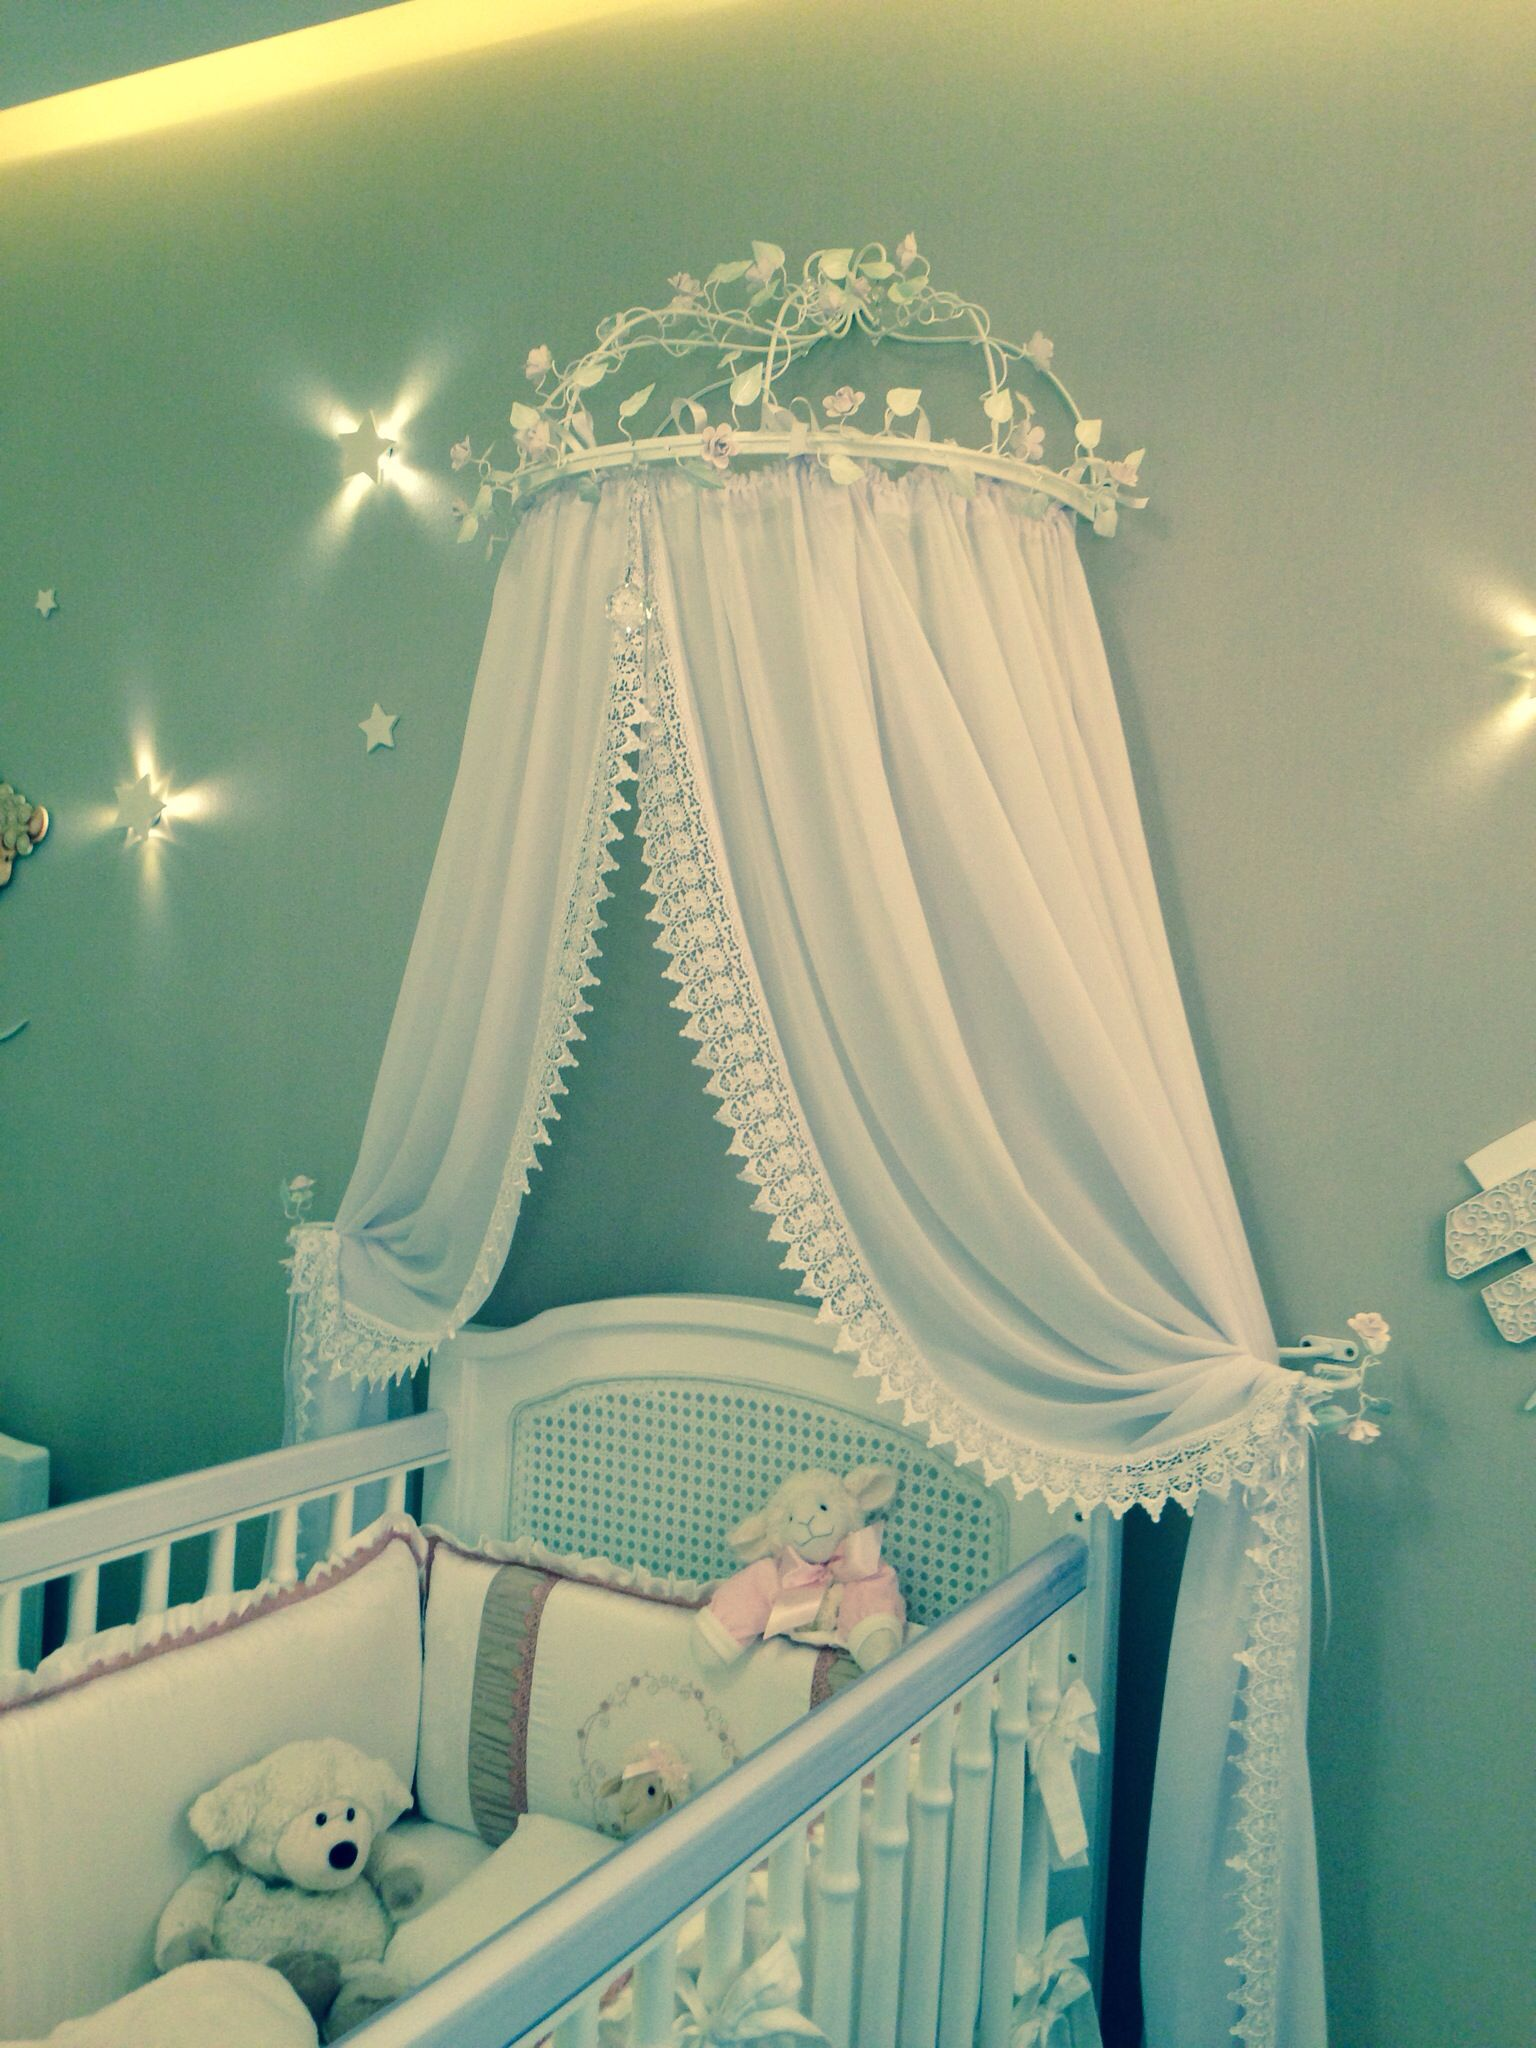 Schöner Wohnen Babyzimmer pin debora mara oliveira auf coisas para comprar